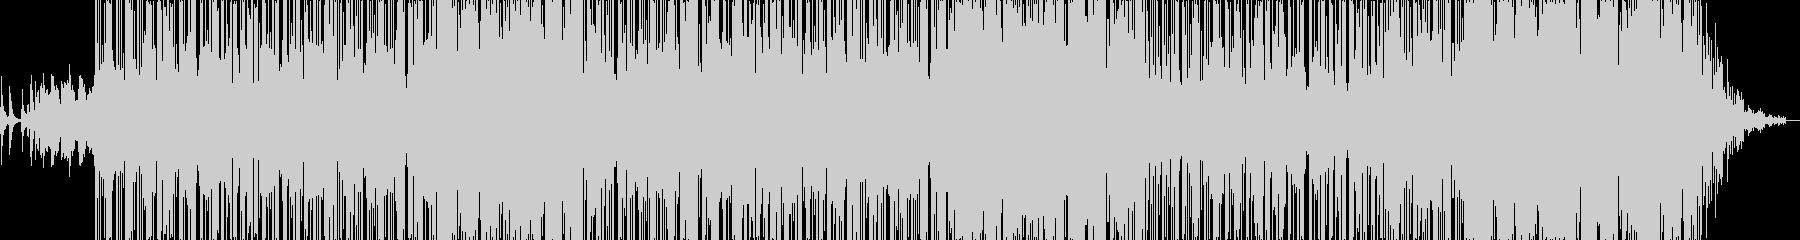 ピアノとシンセのハイブリッドなバラードの未再生の波形